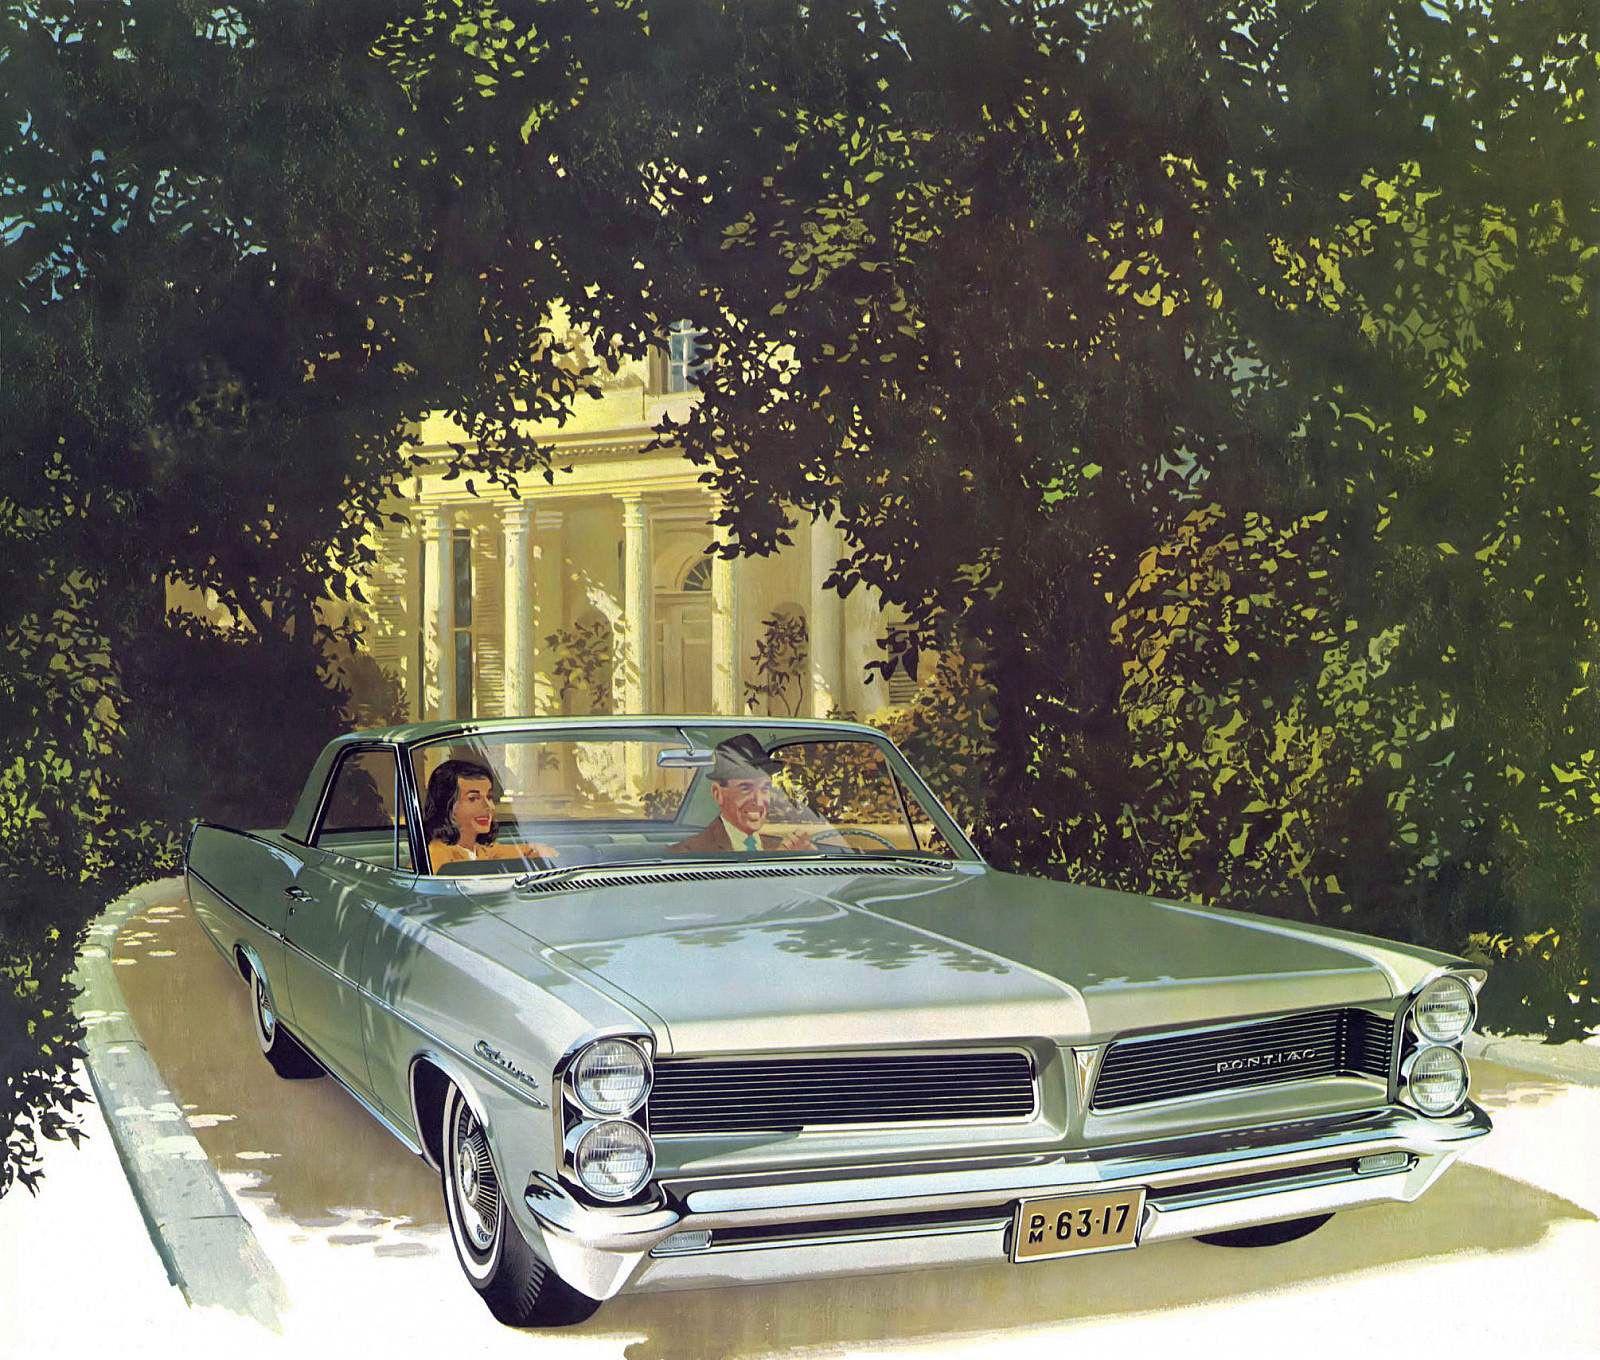 1963 Pontiac Catalina Sports Coupe: Art Fitzpatrick and Van Kaufman